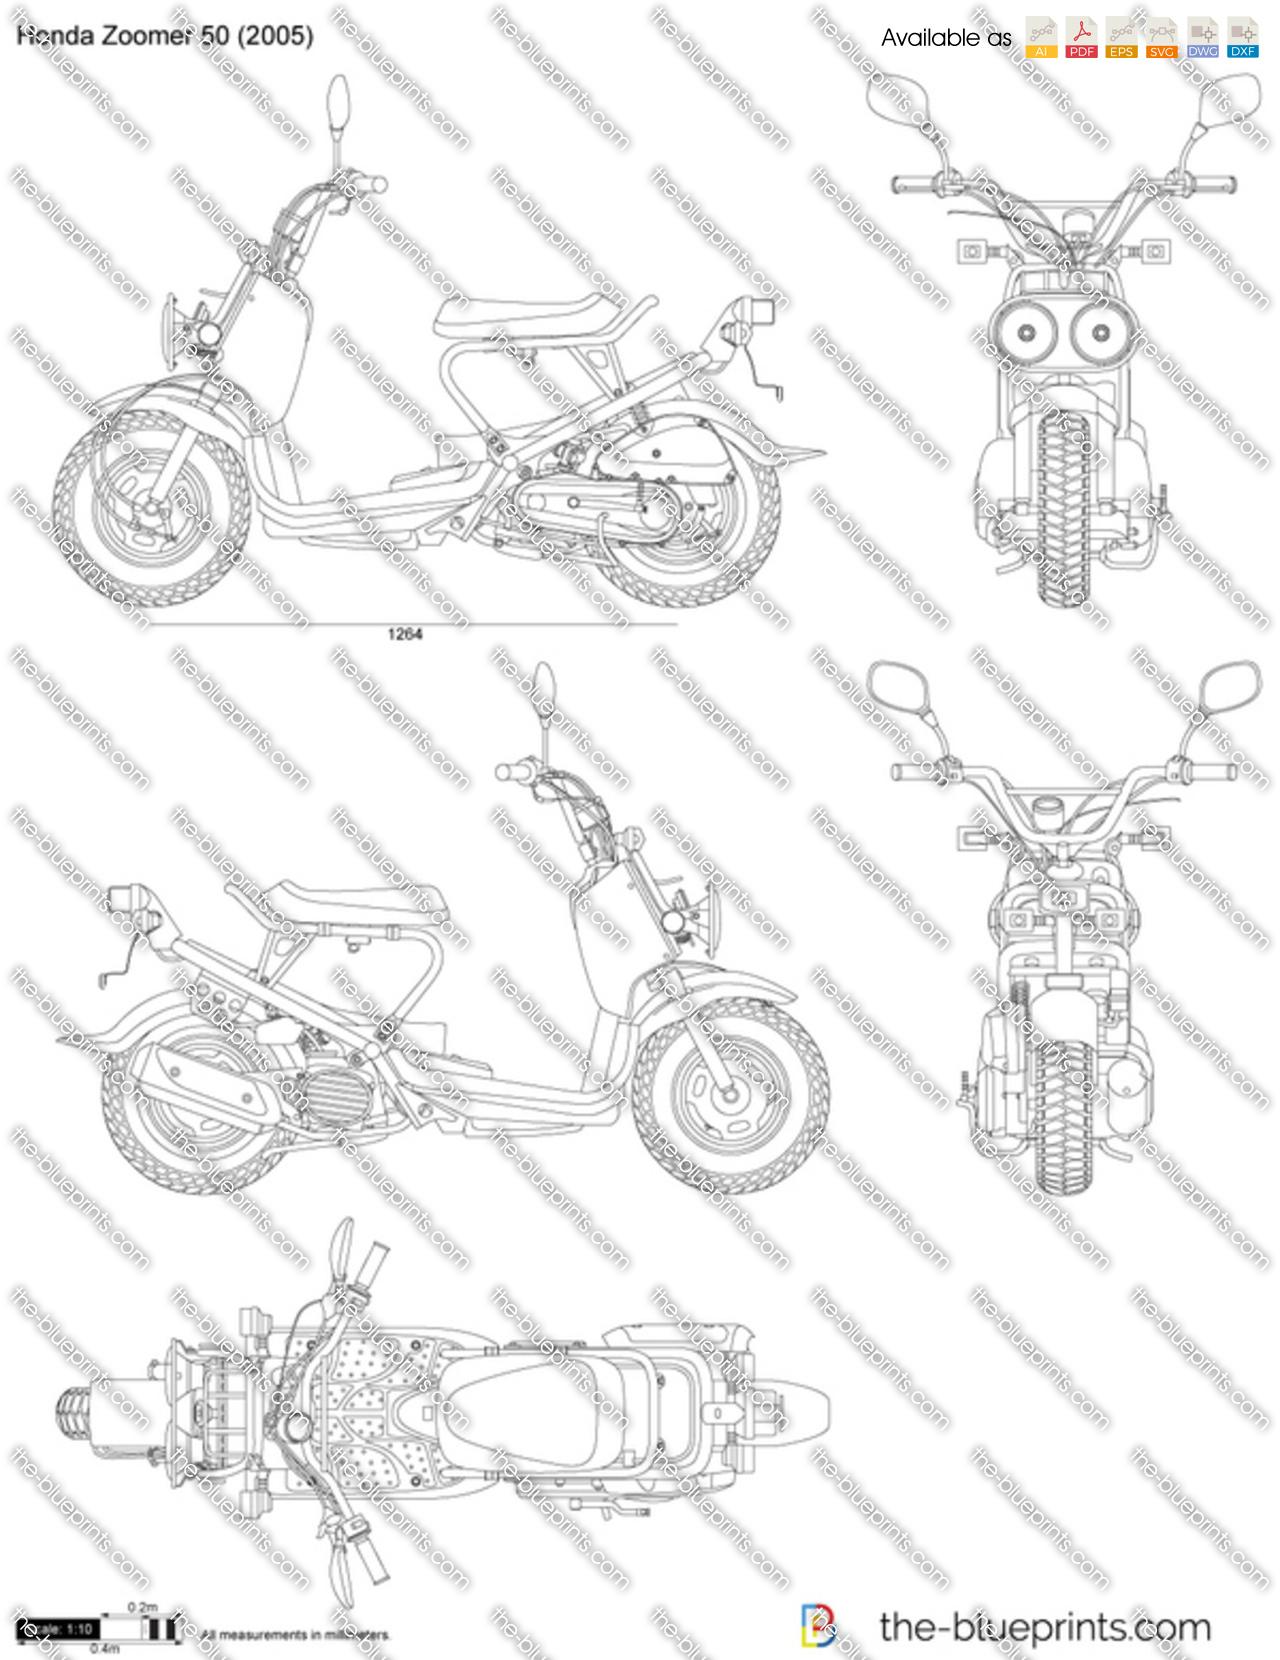 Honda Zoomer 2005